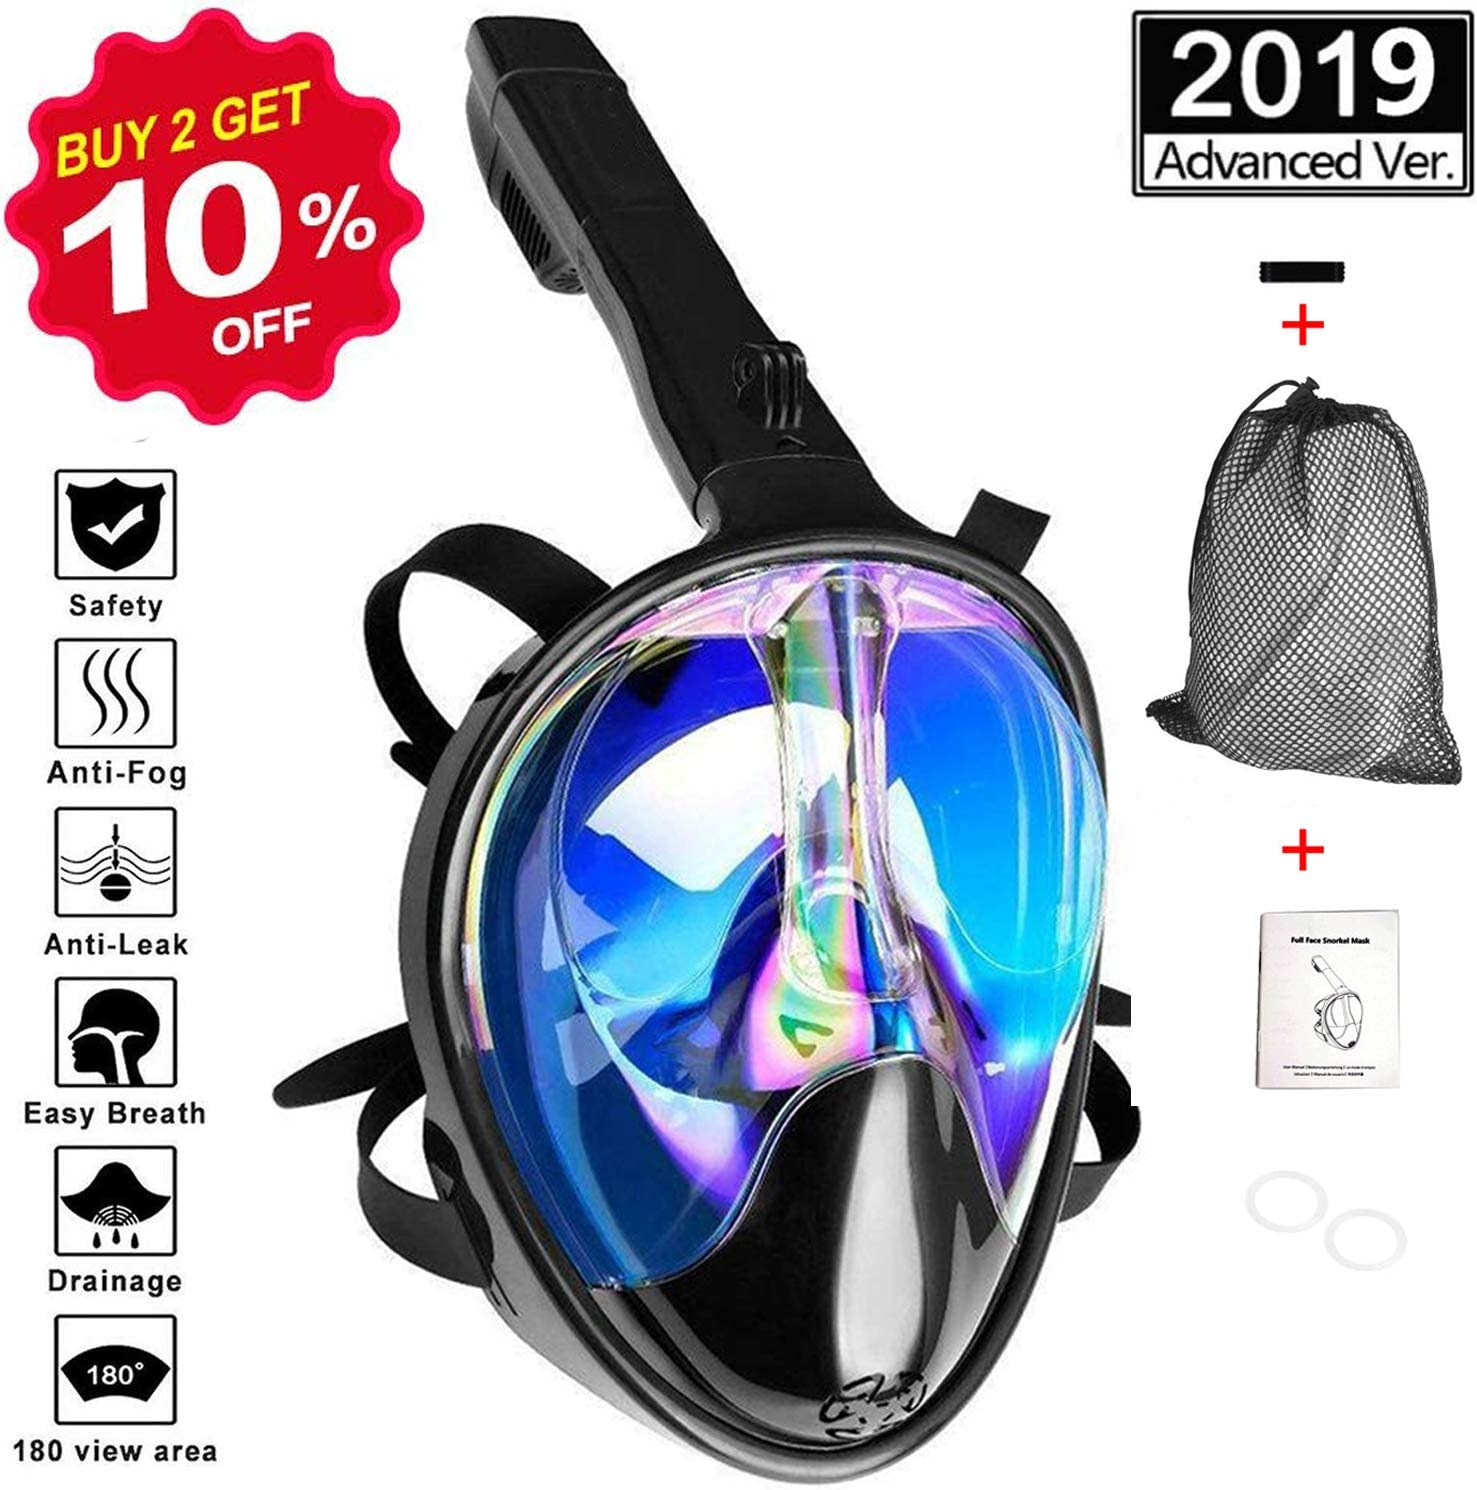 L-XL VORRINC Tauchmaske Schnorchelmaske Vollmaske,Tauchmaske Vollgesichtsmaske,Mit Kamerahalterung,mit 180/°Sichtfeld und Kamerahaltung F/ür Kinder Erwachsene